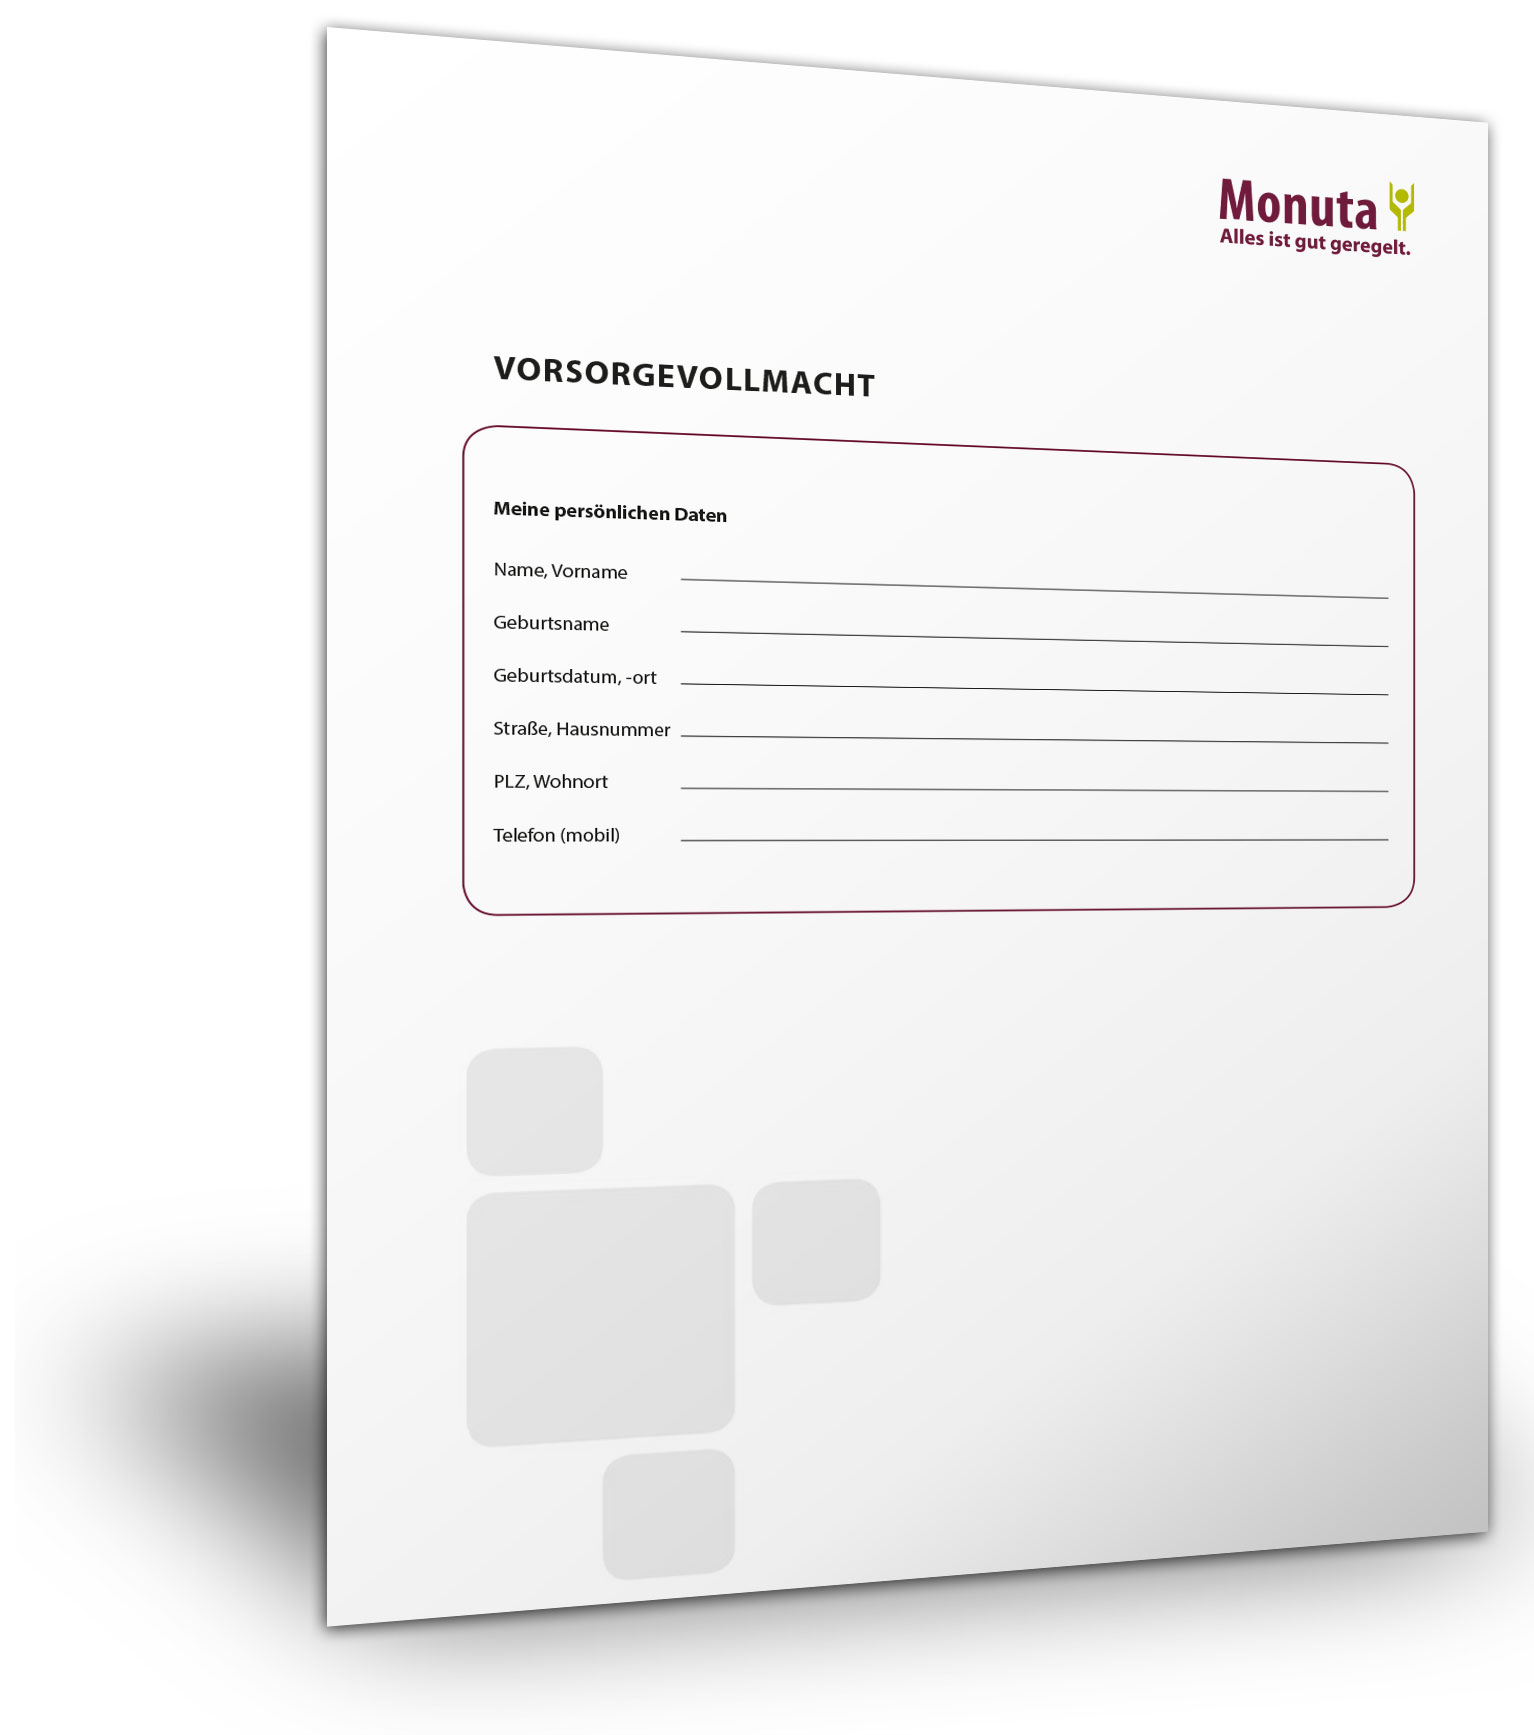 berliner testament muster - Berliner Testament Muster Kostenlos Download